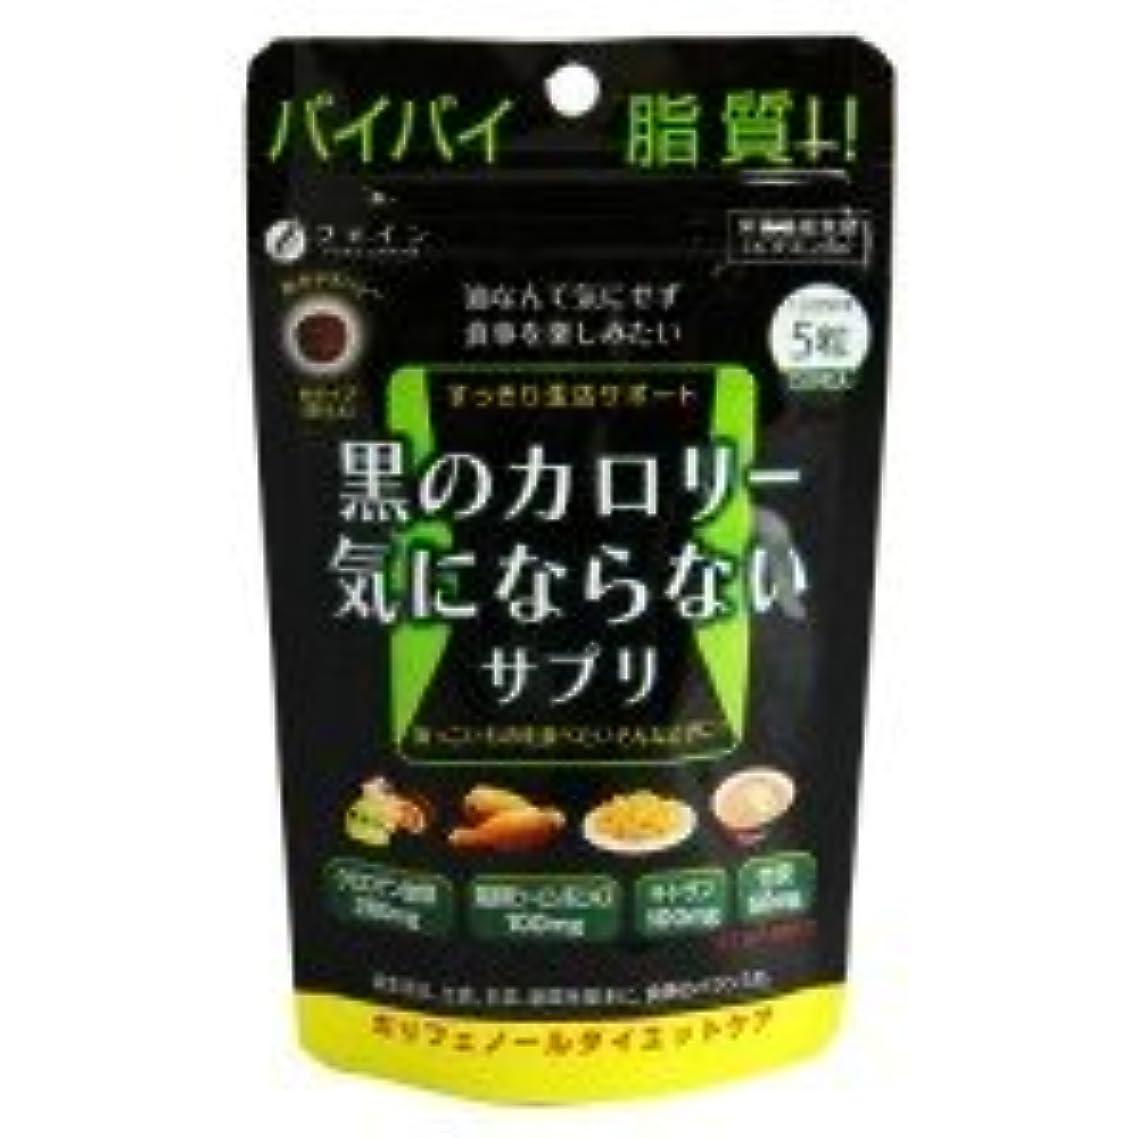 絡まるブレンド真実ファイン 黒のカロリー気にならない 栄養機能食品(ビタミンB6) 30g(200mg×150粒)